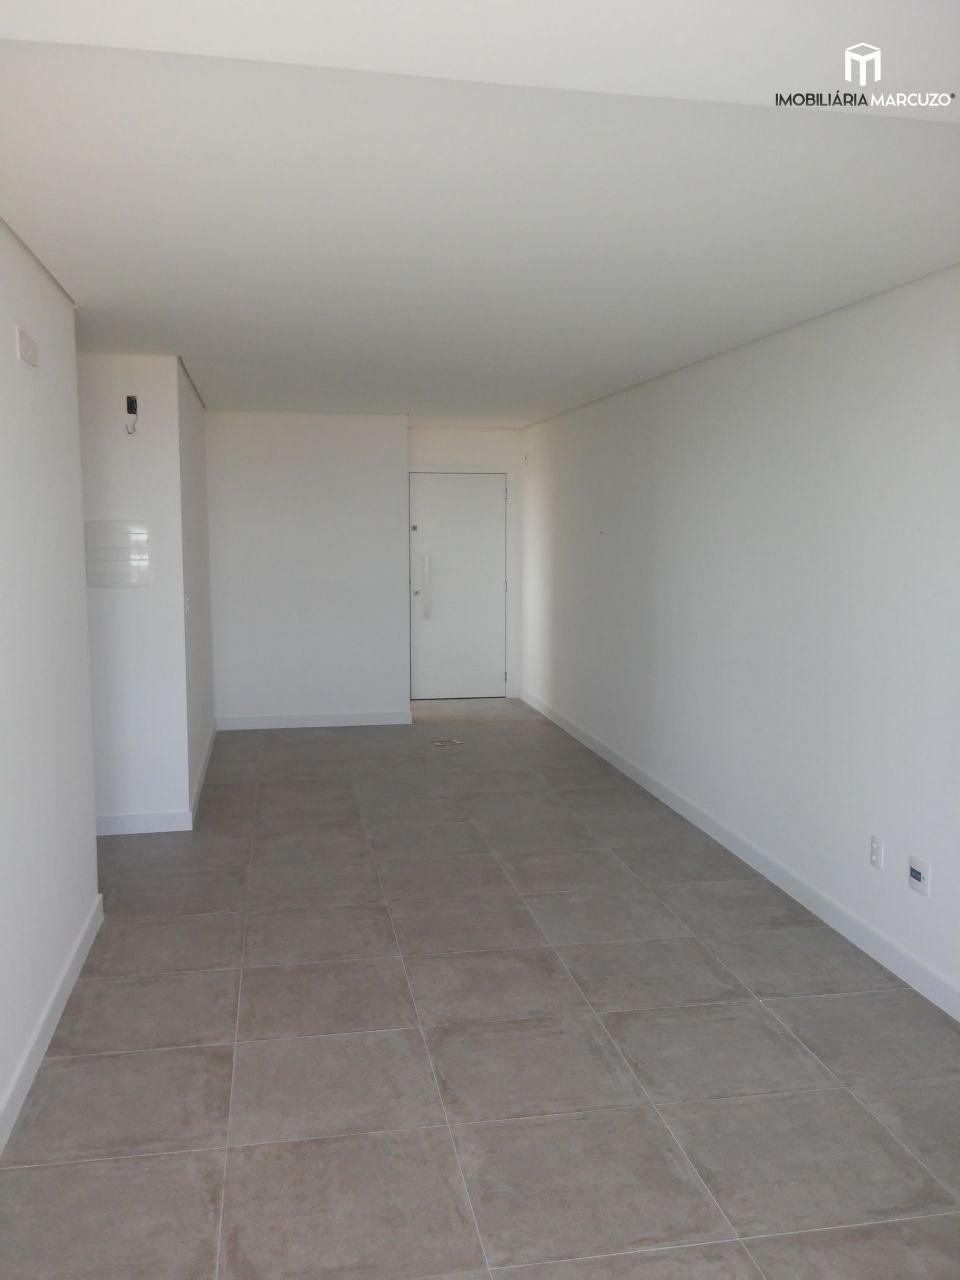 Apartamento com 2 Dormitórios à venda, 84 m² por R$ 555.386,00